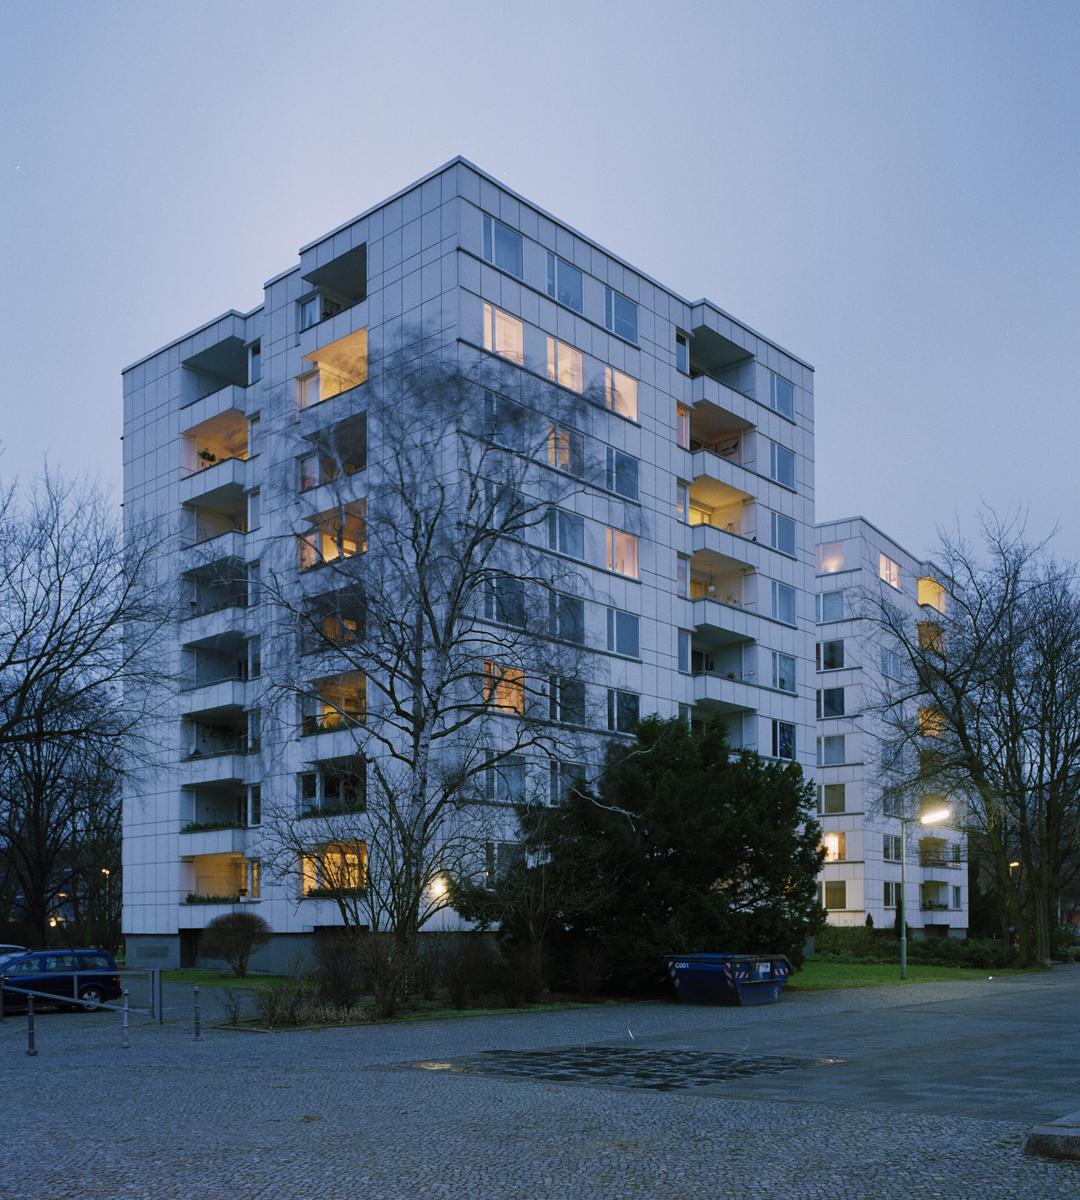 Die Außenfassade von Alvar Aalto für die 'Stadt von Morgen' zeigt die Modernität der Interbau Berlin 1957 im Wiederaufbau des Berliner Hansaviertels nach dem 2.Weltkrieg. Die Architekten der Nachbargebäude sind Pierre Vago, Werner Düttmann, Fritz Jaenecke und Sten Samuelson.